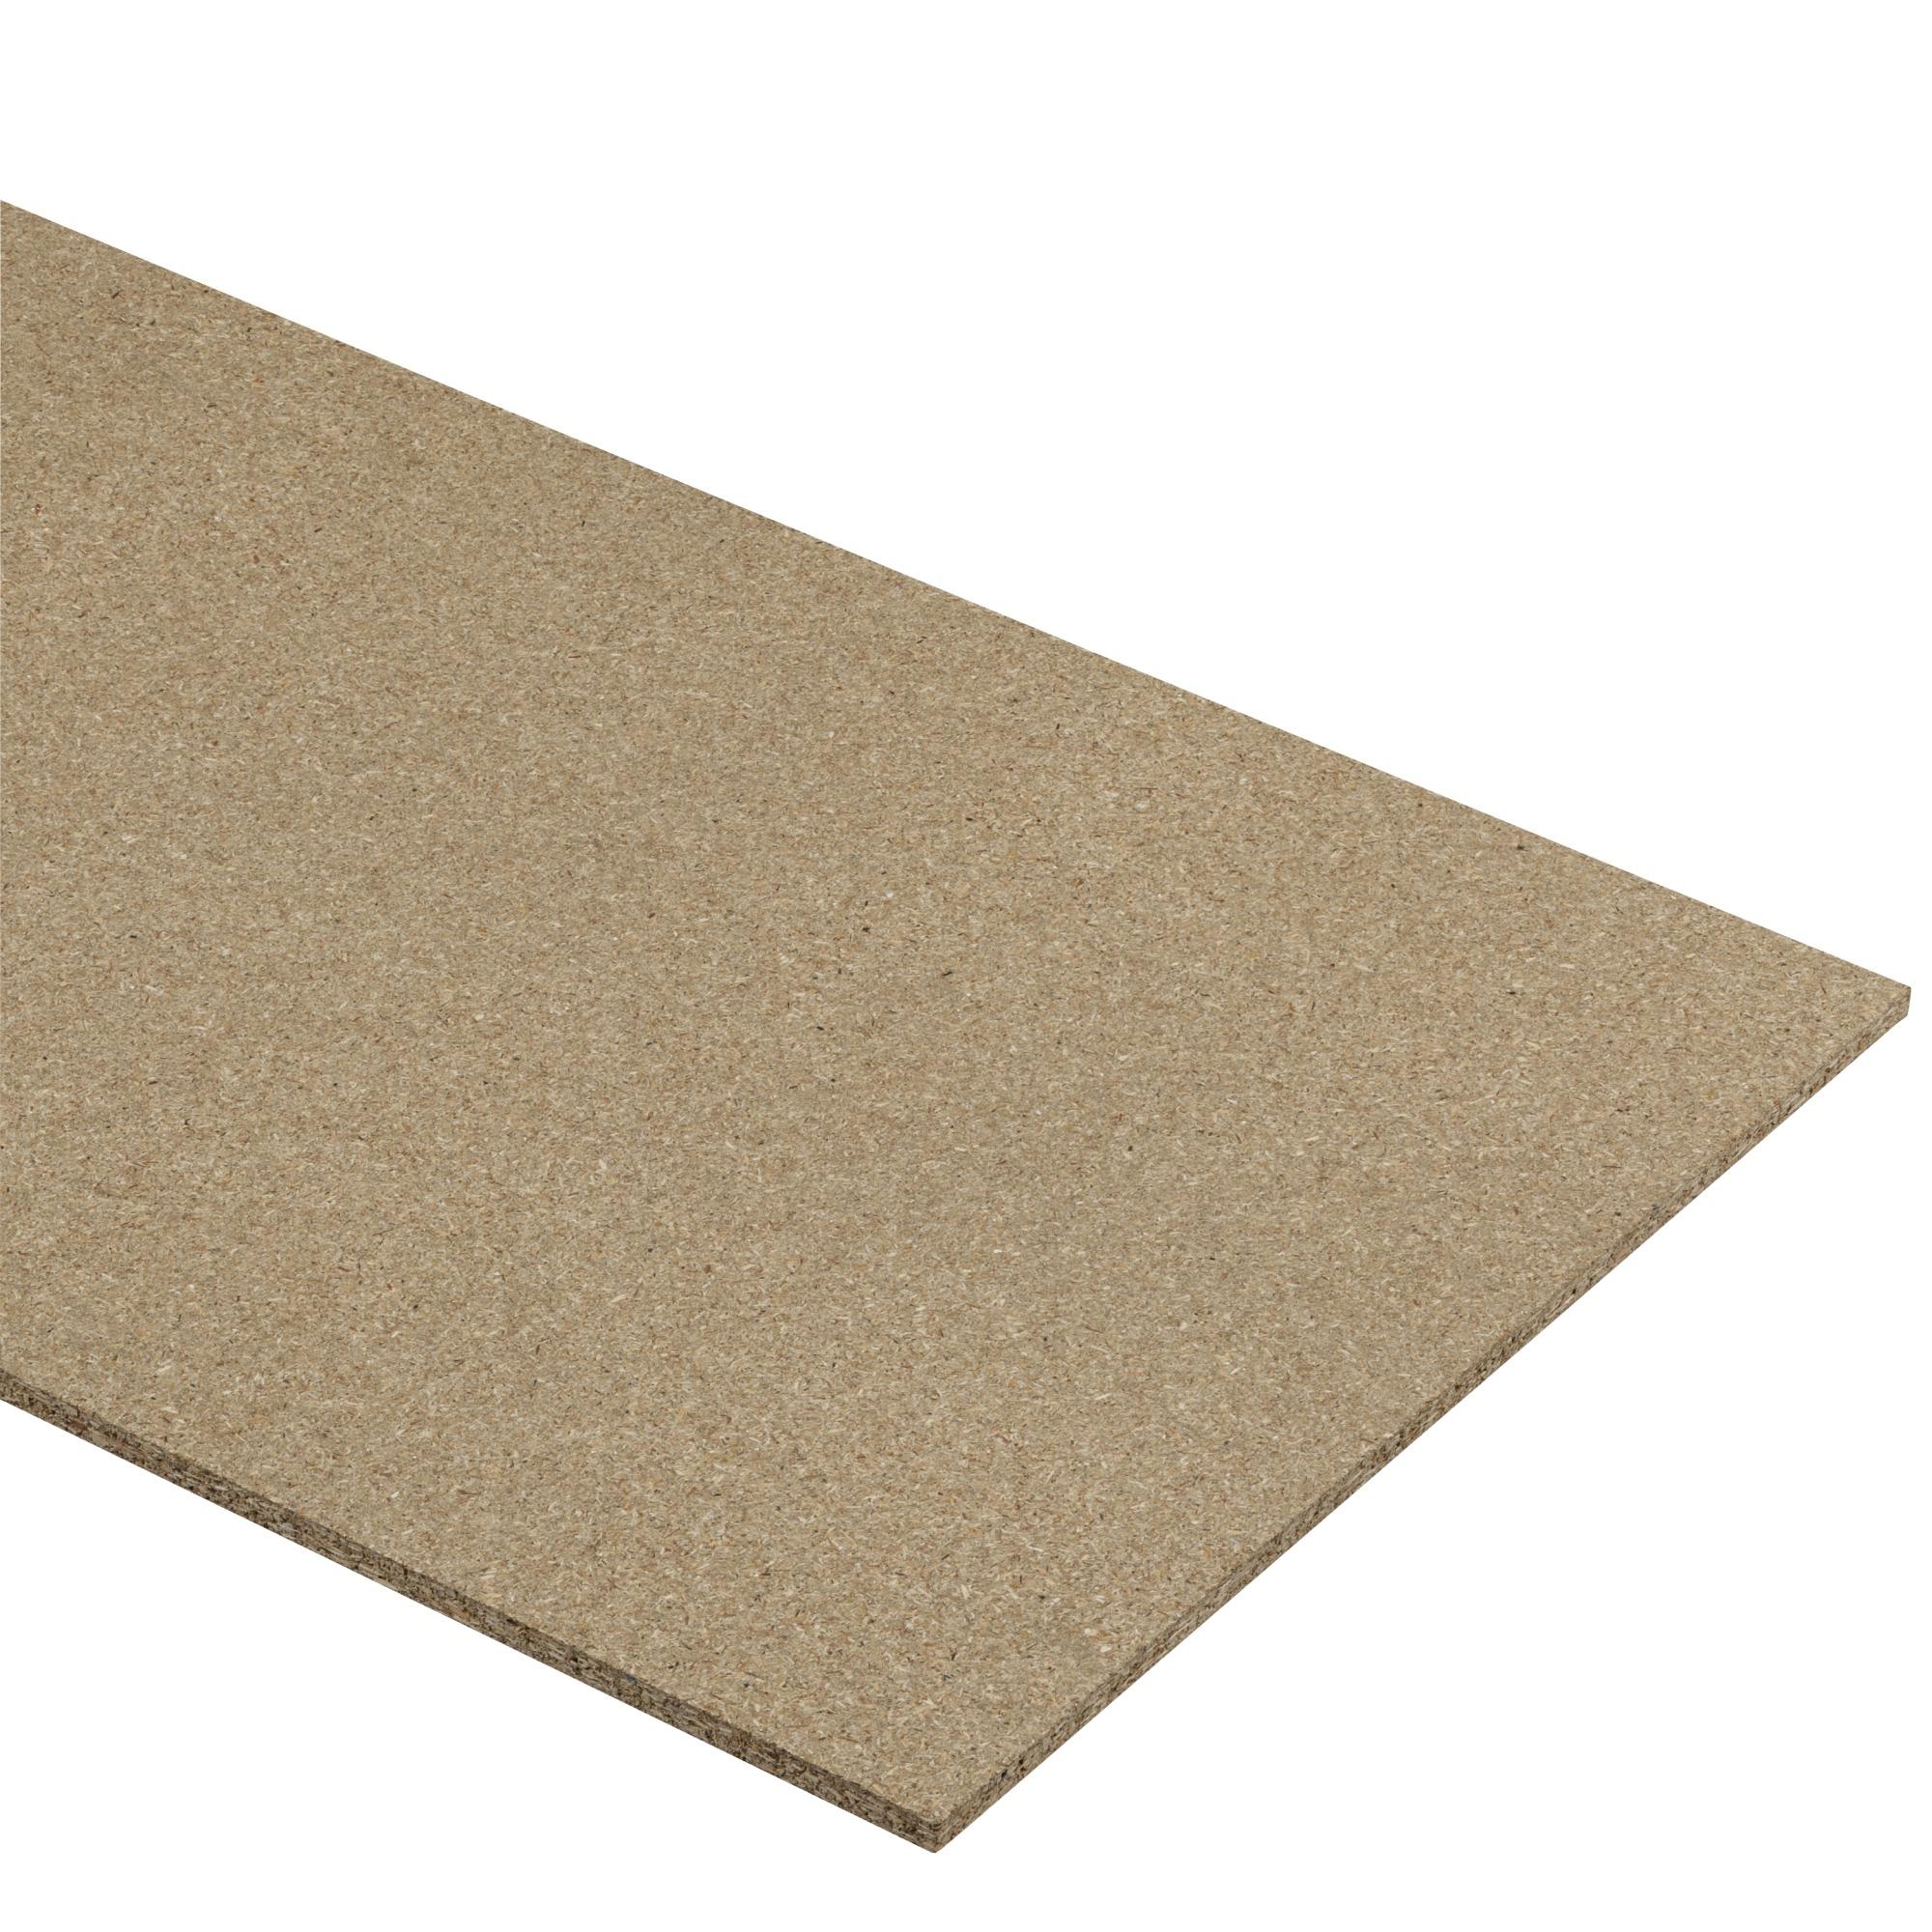 panneau agglom r pefc 18 mm 244x122 cm panneaux bois panneaux bois. Black Bedroom Furniture Sets. Home Design Ideas